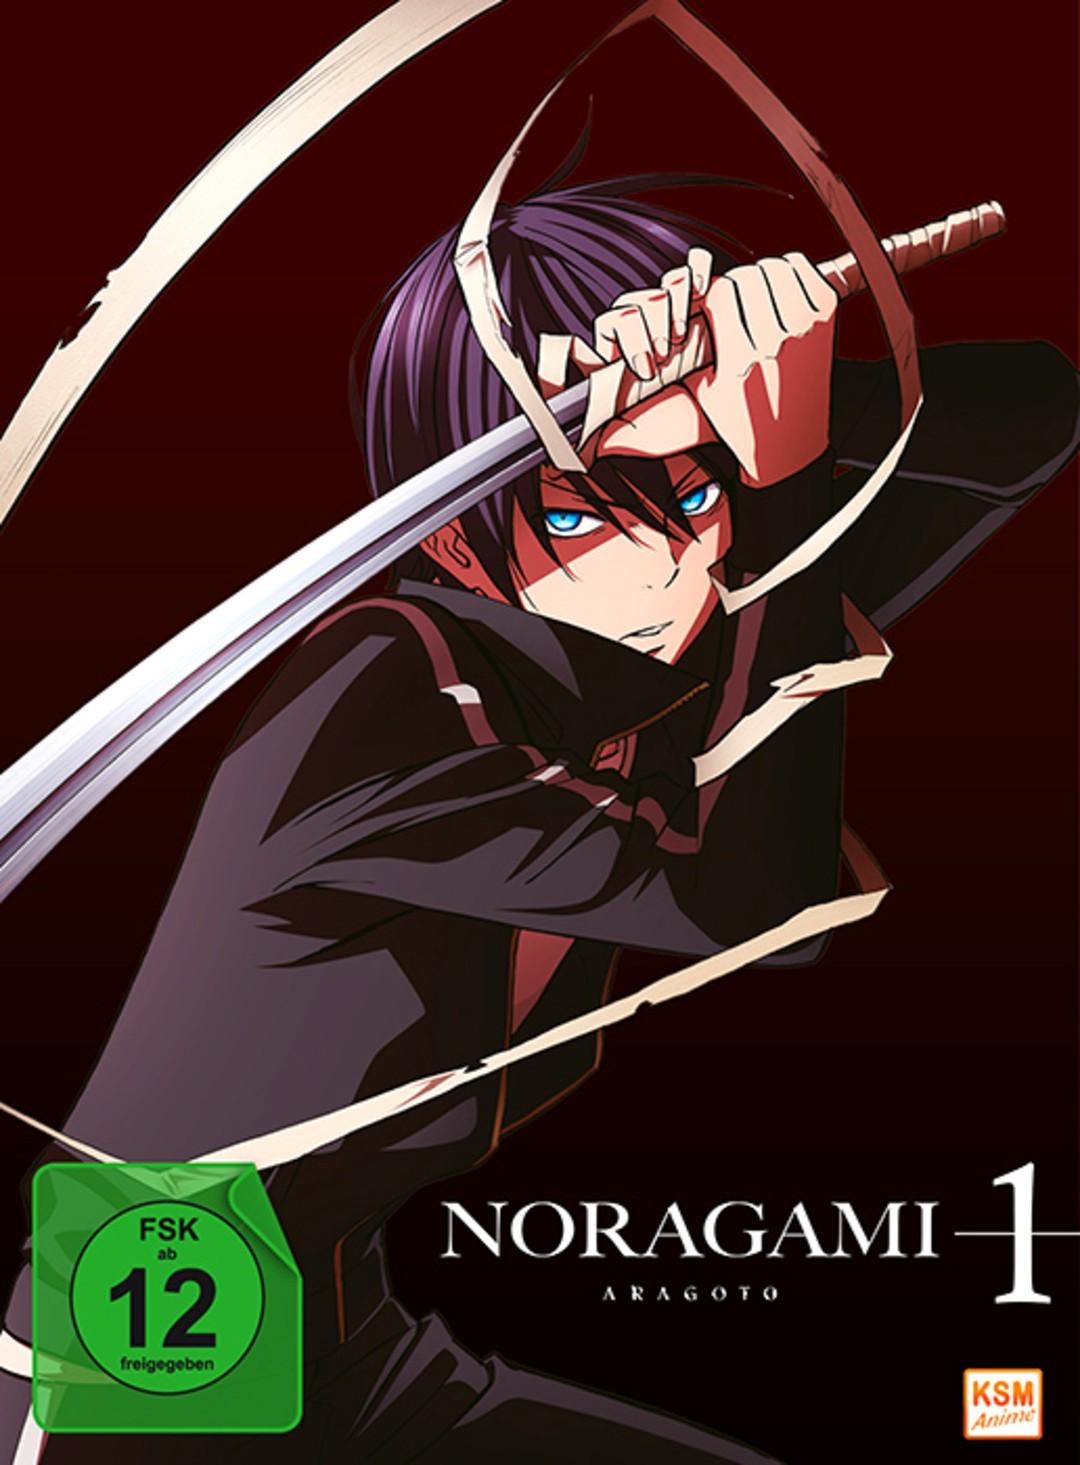 Noragami Aragoto Vol. 1 auf Blu-ray und DVD - Bild 2 von 5